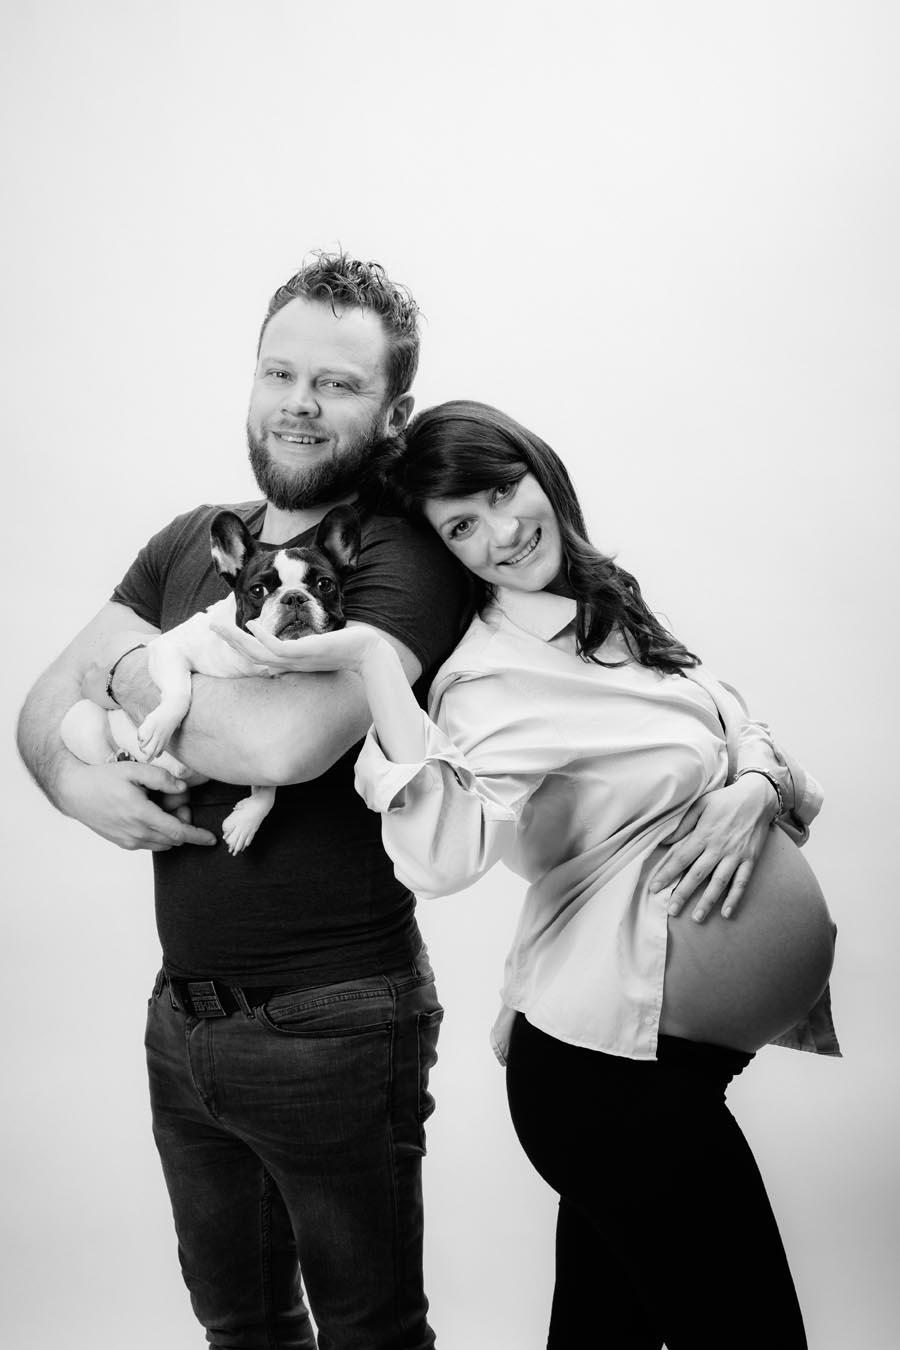 Fotografo_Renato_Zanette_Studio_shooting_famiglia_maternity_gemelli_twins_amore_gioia_tesoro